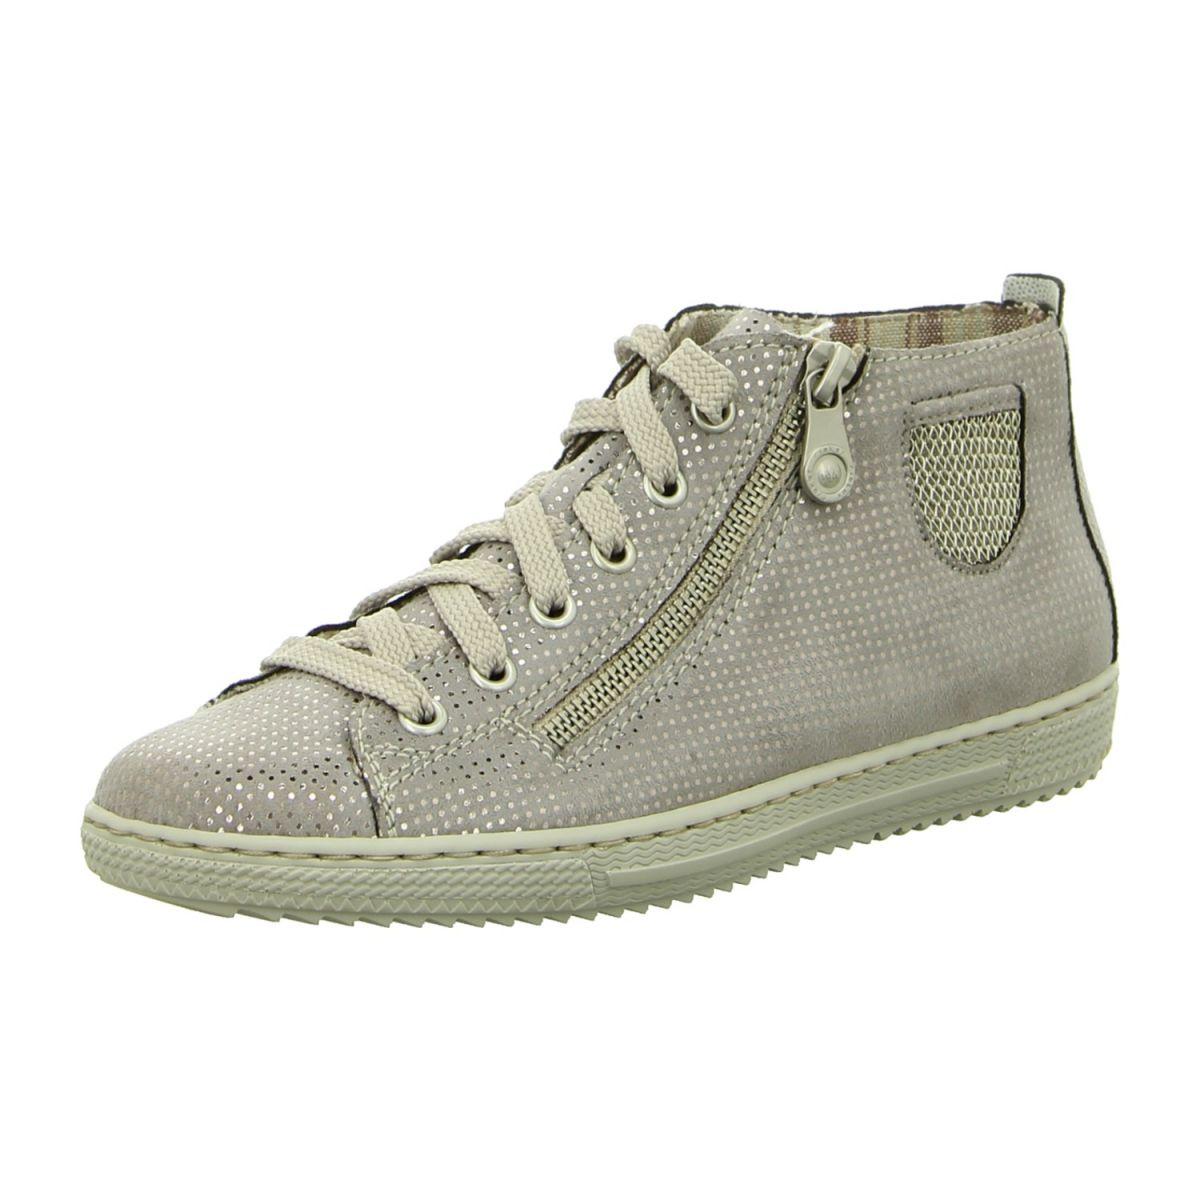 NEU: Rieker Sneaker Schnürer L9402 42 grau | Schuhe